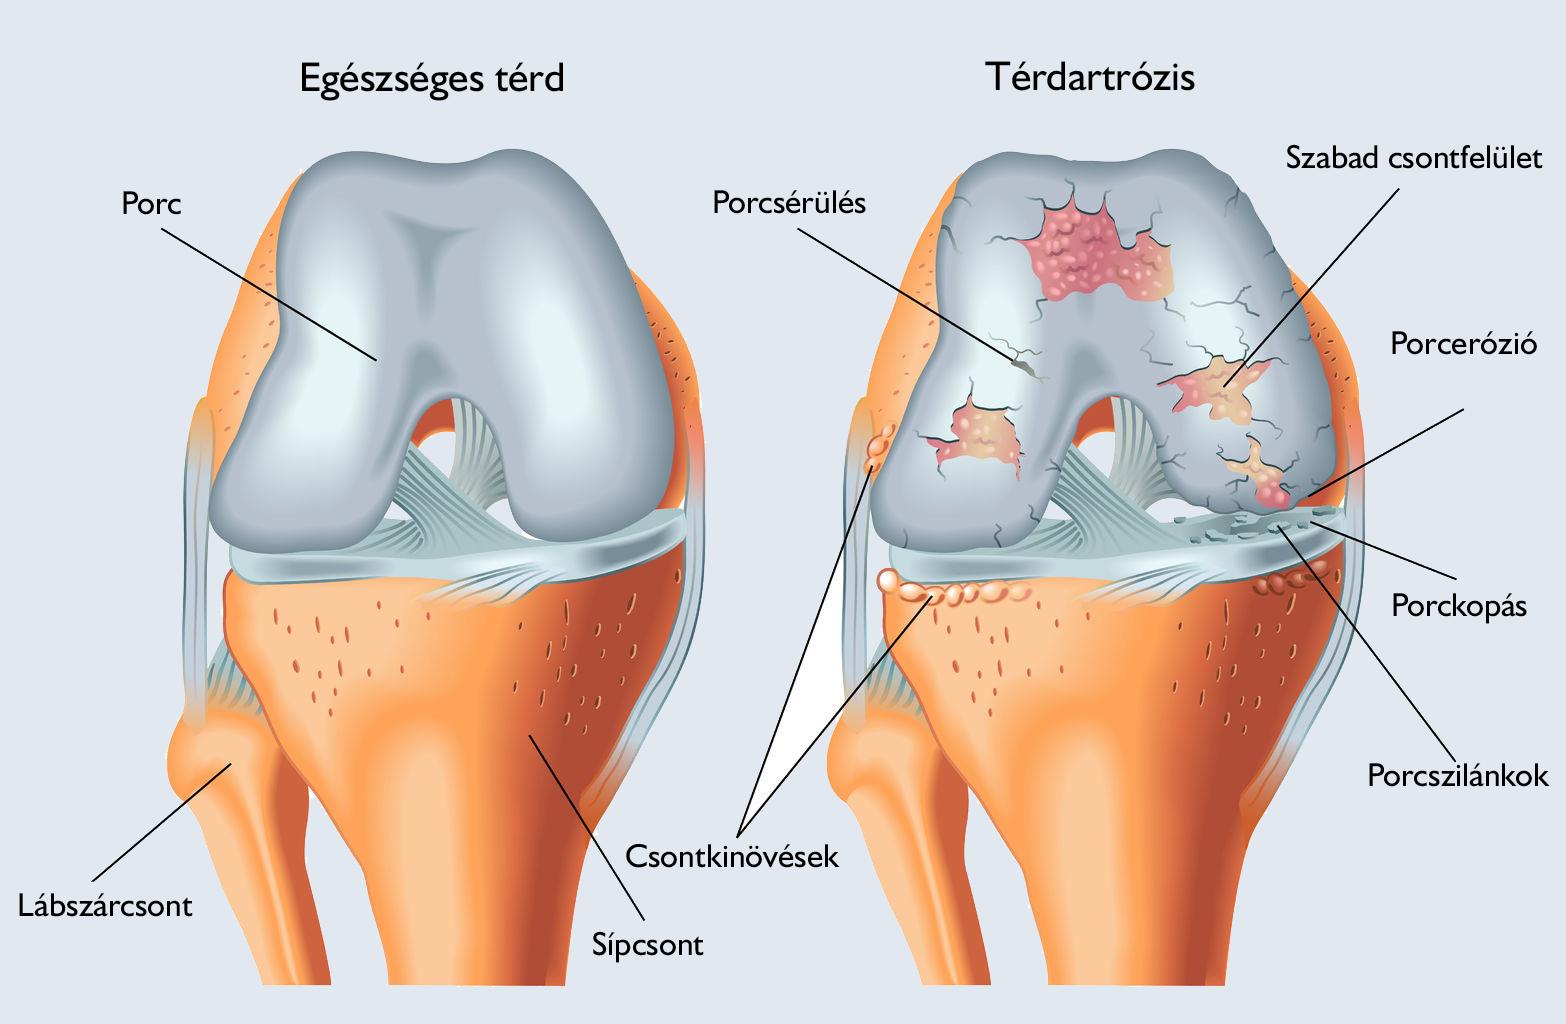 háziorvos artrosis kezelése adnak-e egy csoportot a bokaízület artrózisához